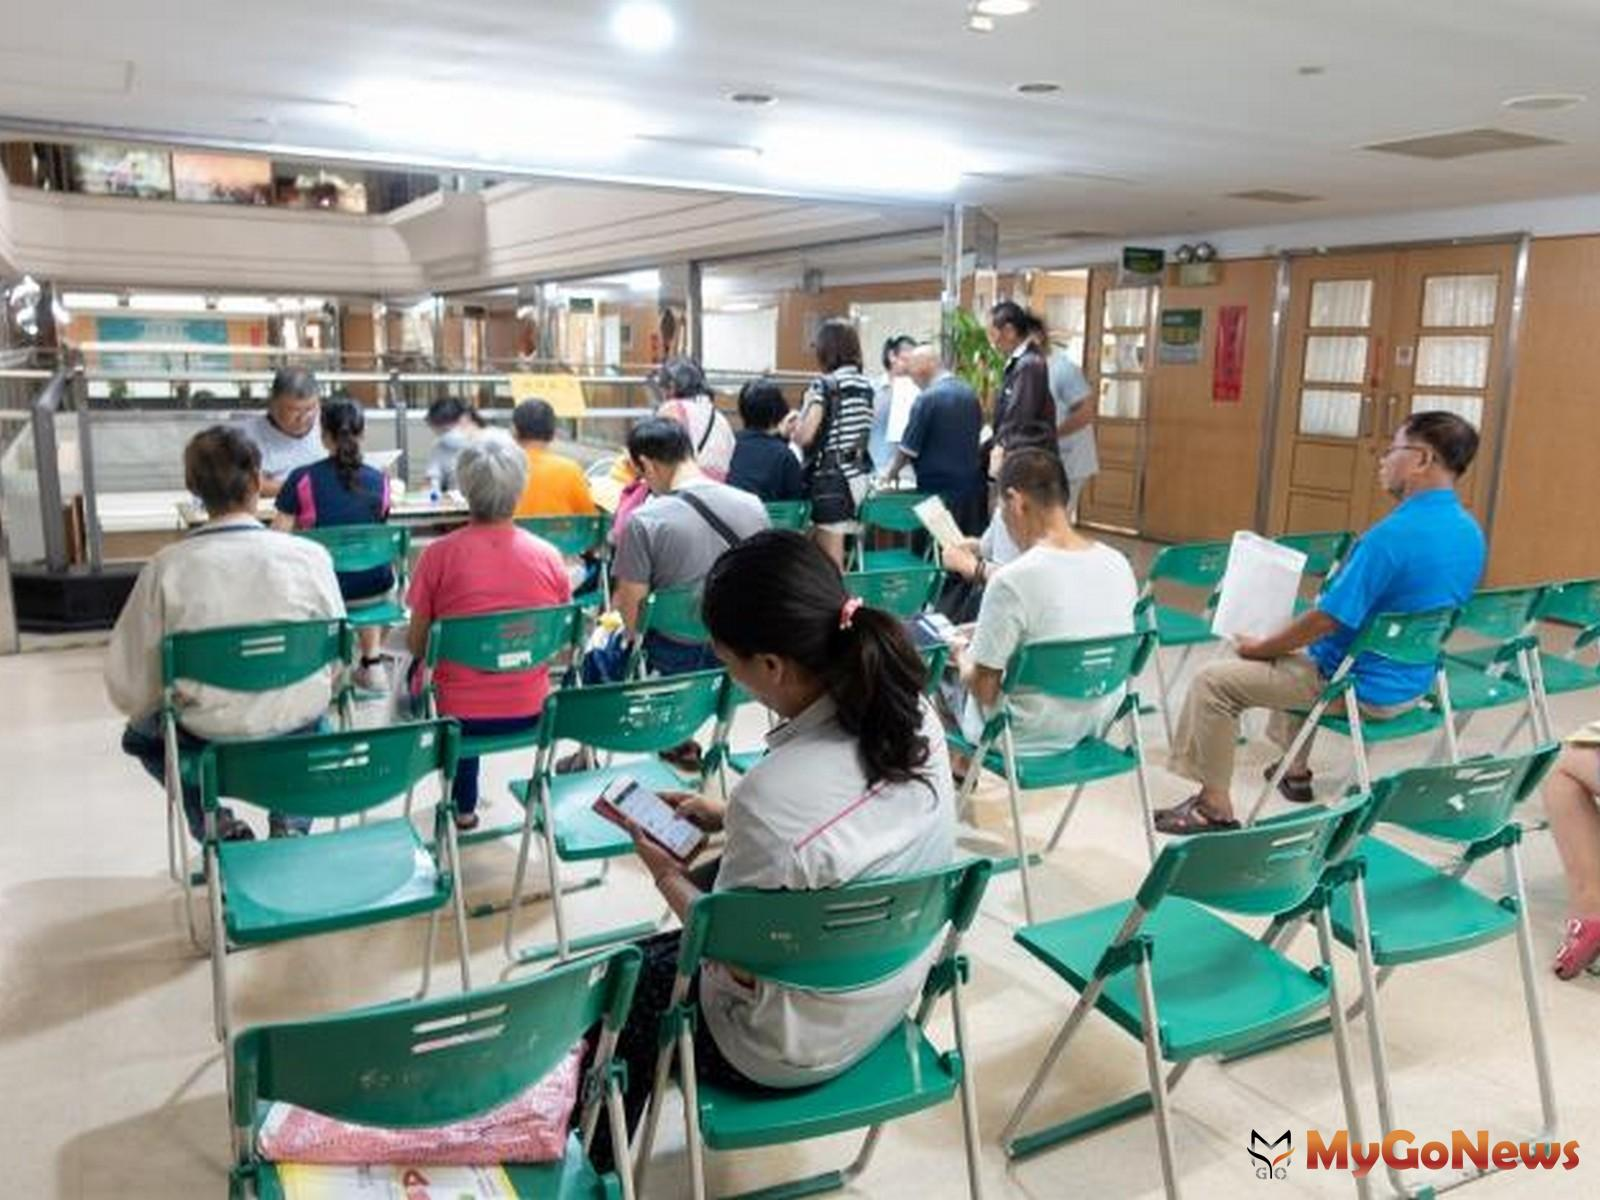 台南市租金補貼計畫戶數,2020年度增加至8,257戶(圖:台南市政府) MyGoNews房地產新聞 區域情報